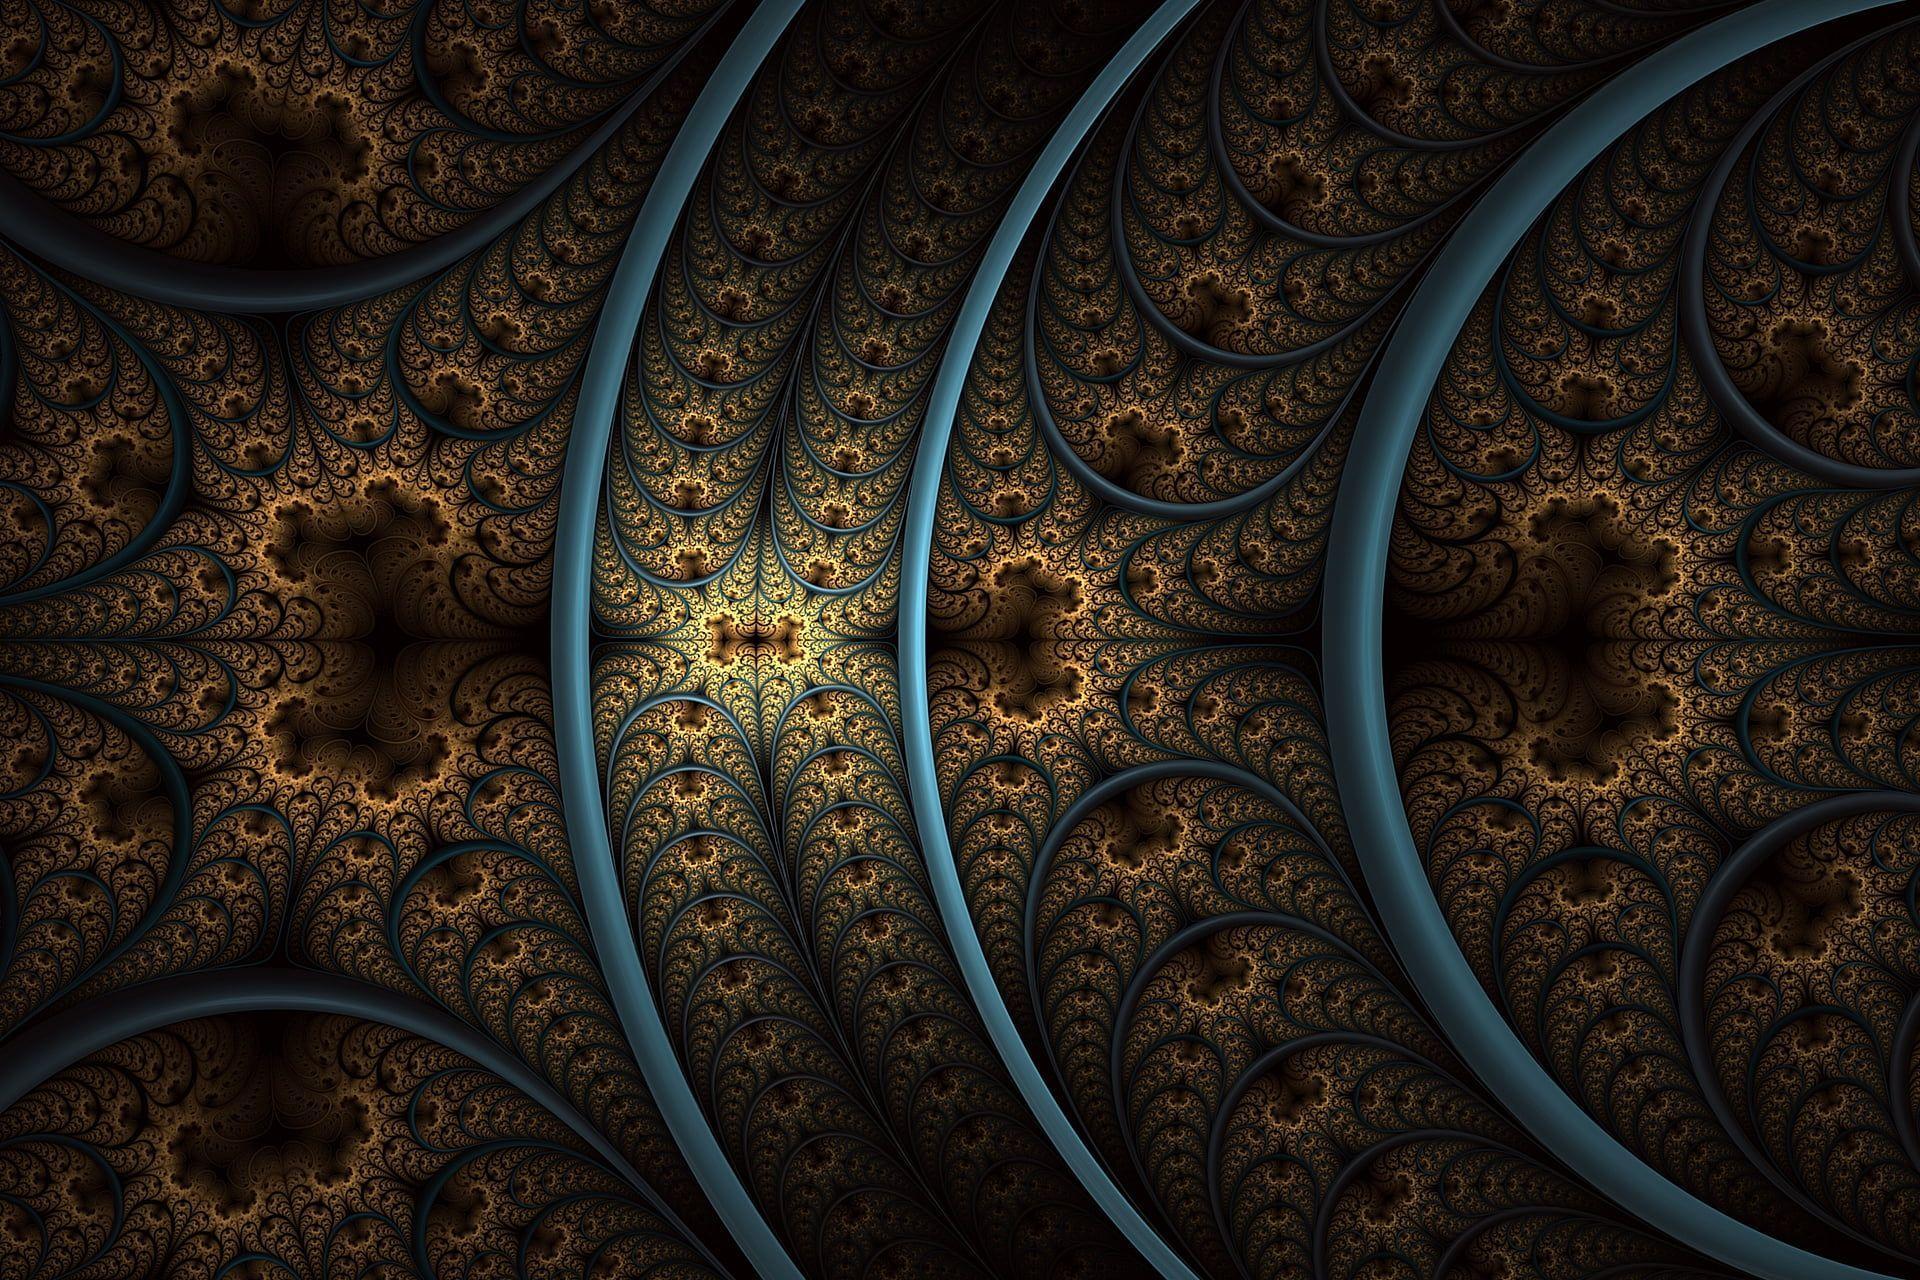 Hình nền HD 1920x1280 Brown and teal mandala art